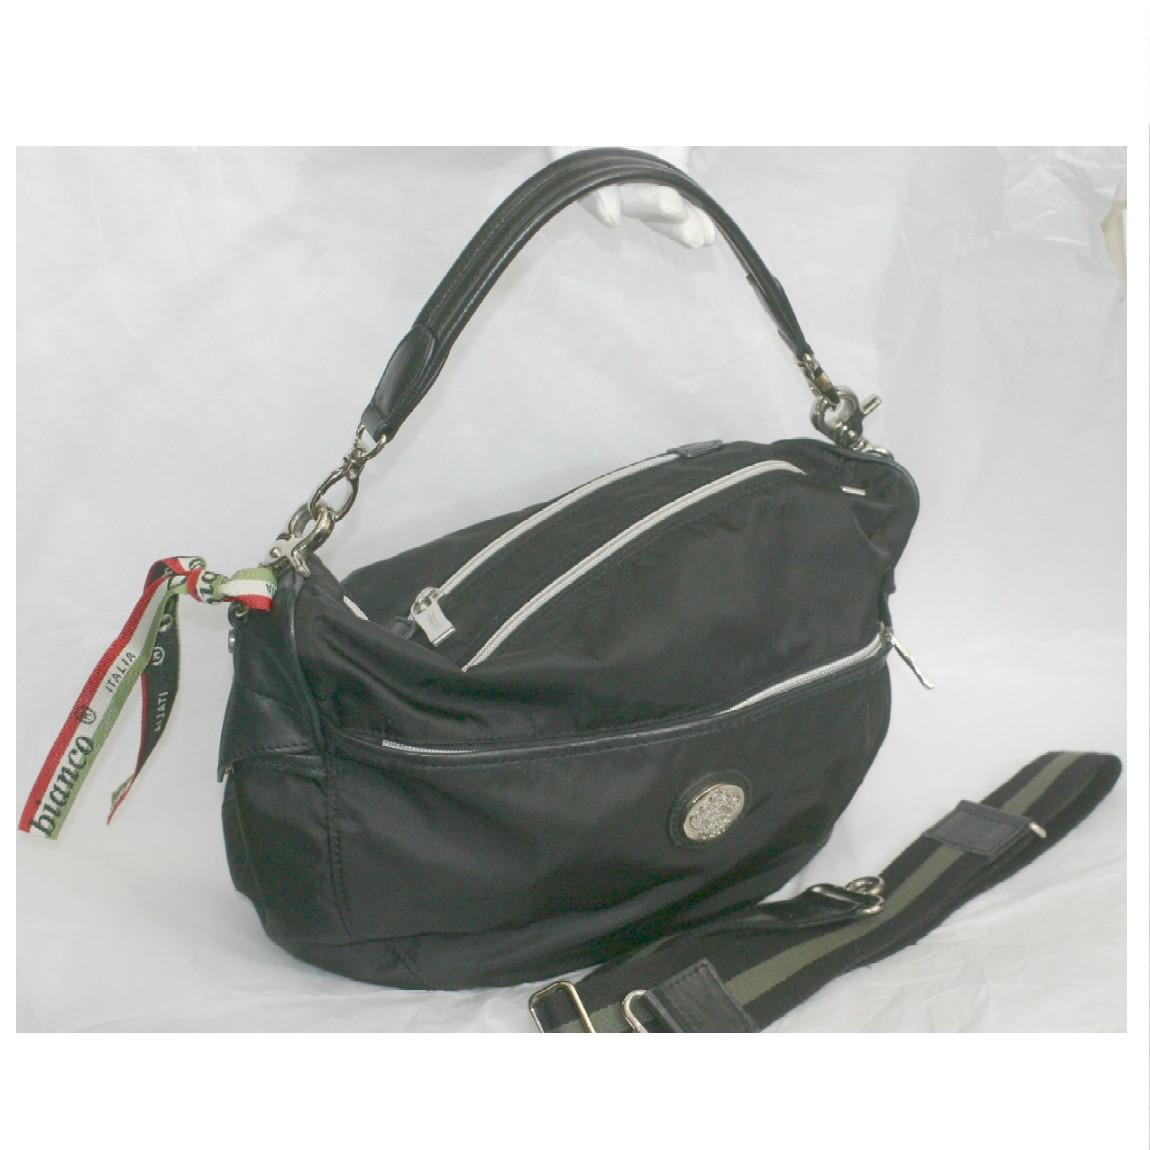 【中古】本物綺麗オロビアンコ黒いナイロン素材のウエストバッグ兼収納力抜群ショルダーバッグ サイズW36H23D16cm